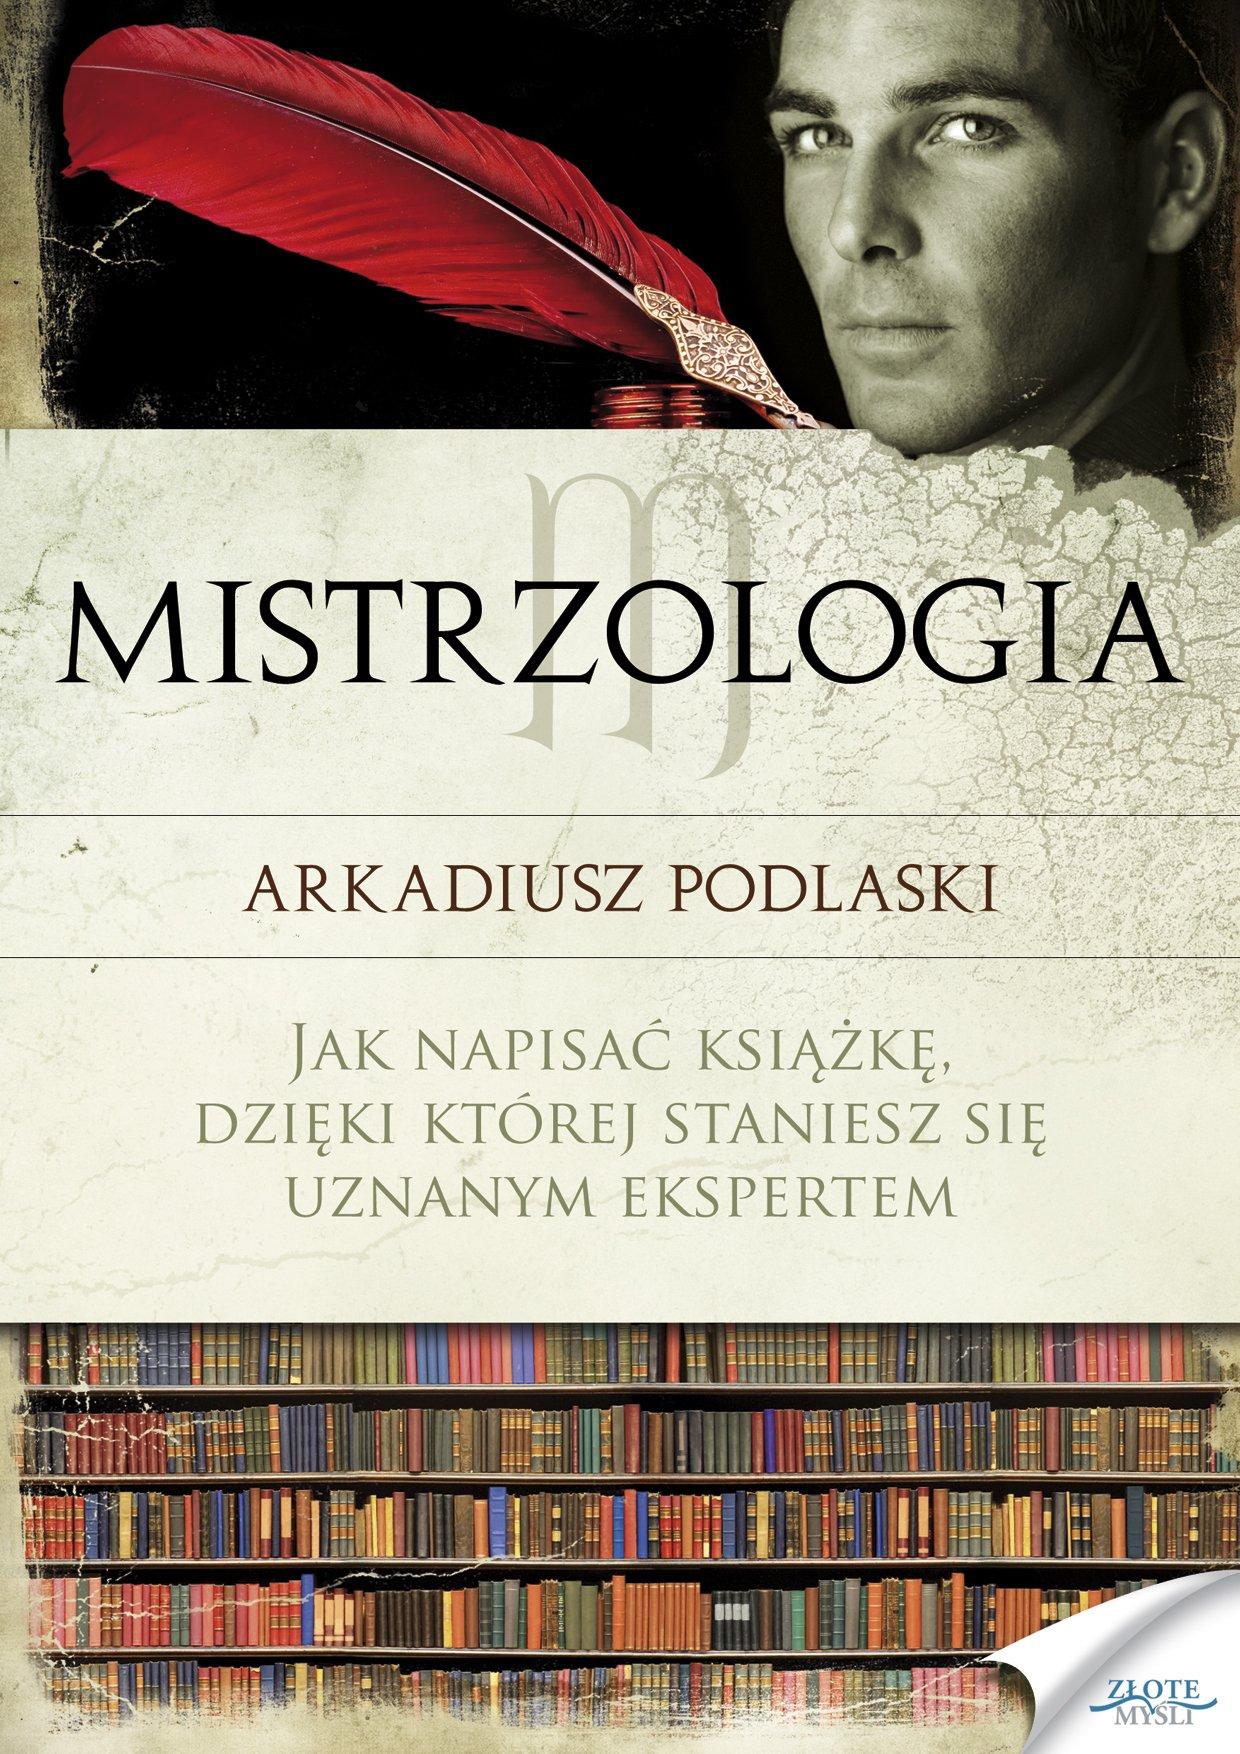 Mistrzologia - Ebook (Książka PDF) do pobrania w formacie PDF